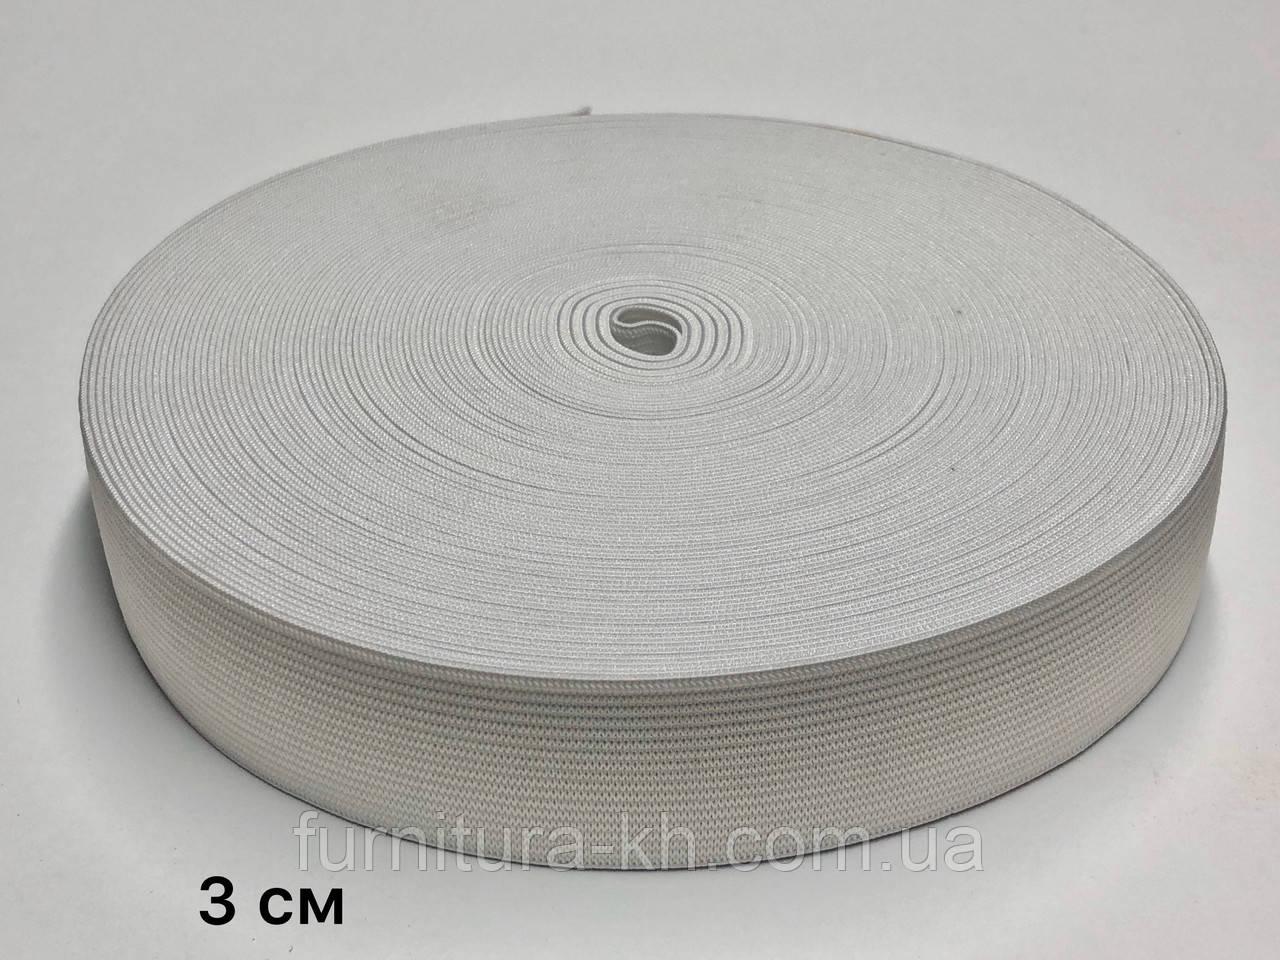 Резинка 3 см Белая в рулоне 25 метров